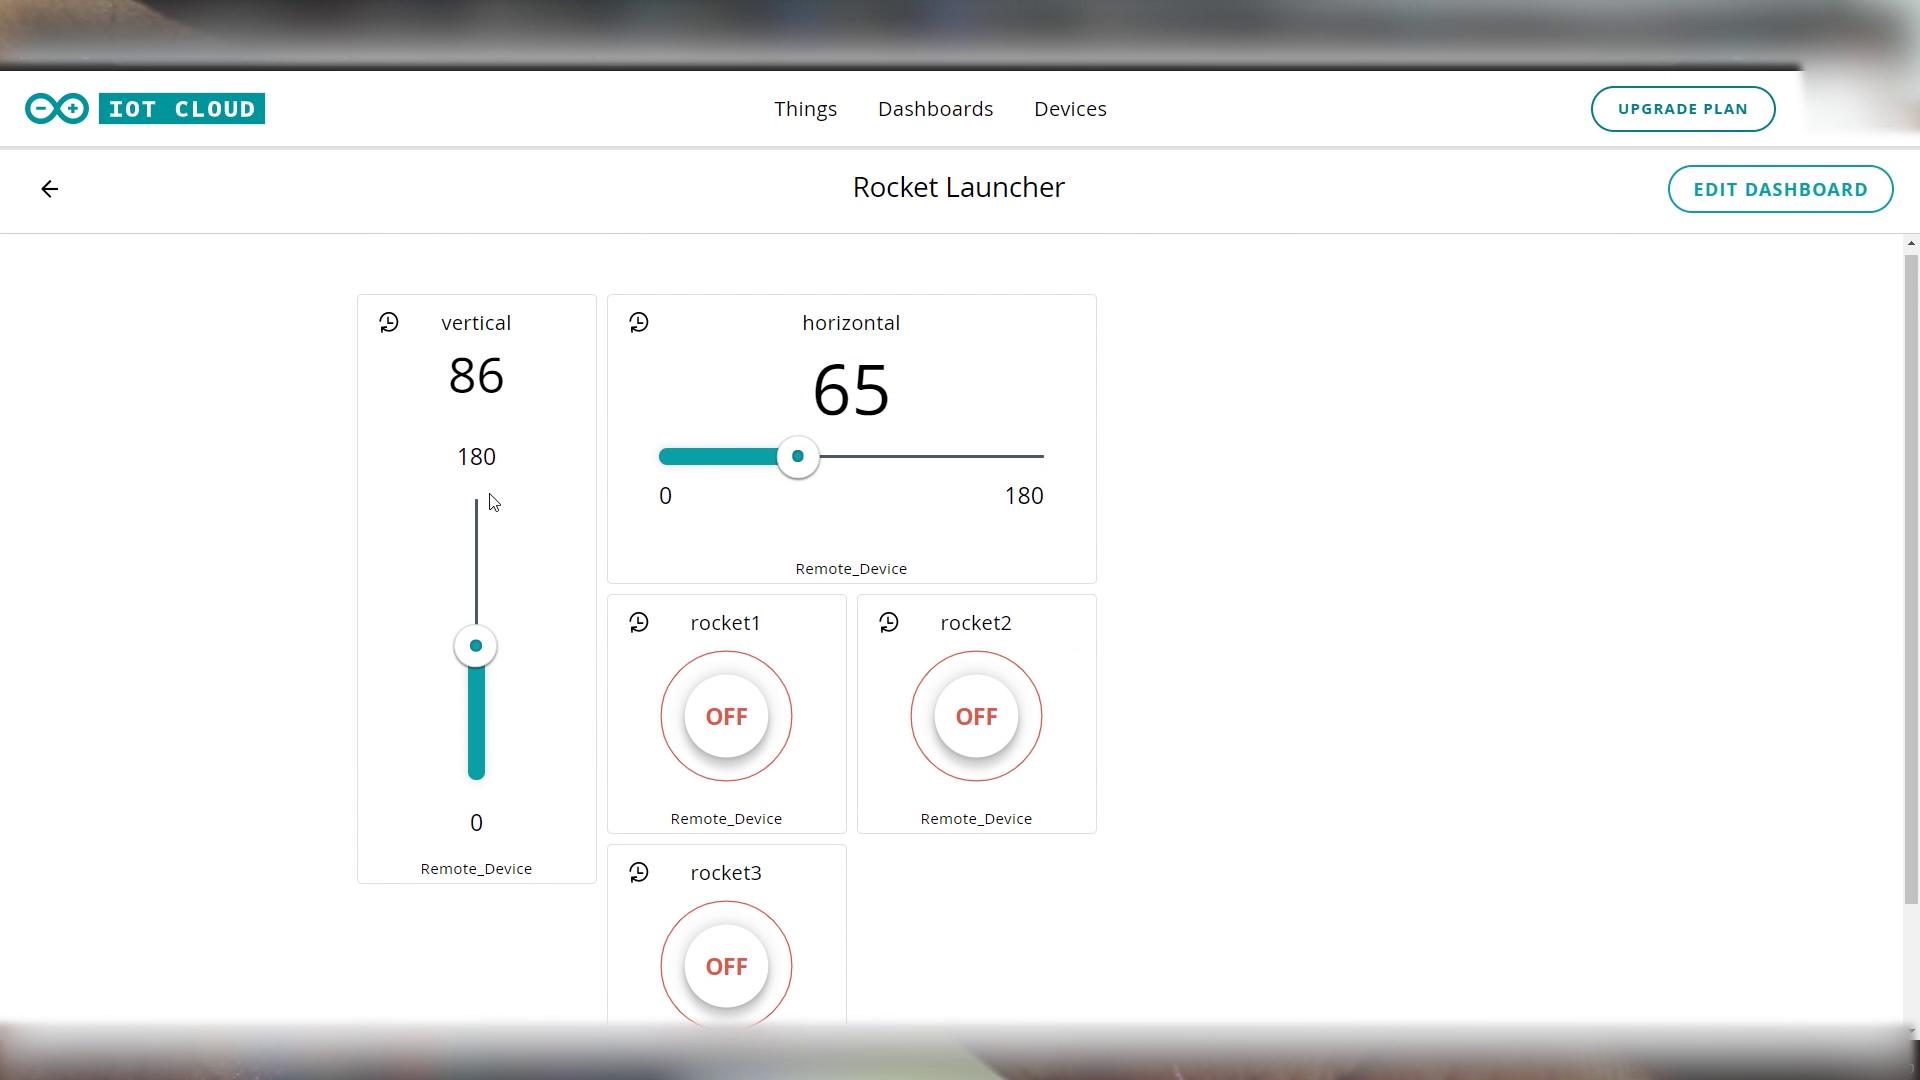 Arduino IOT Cloud Rocket Launcher Dashboard